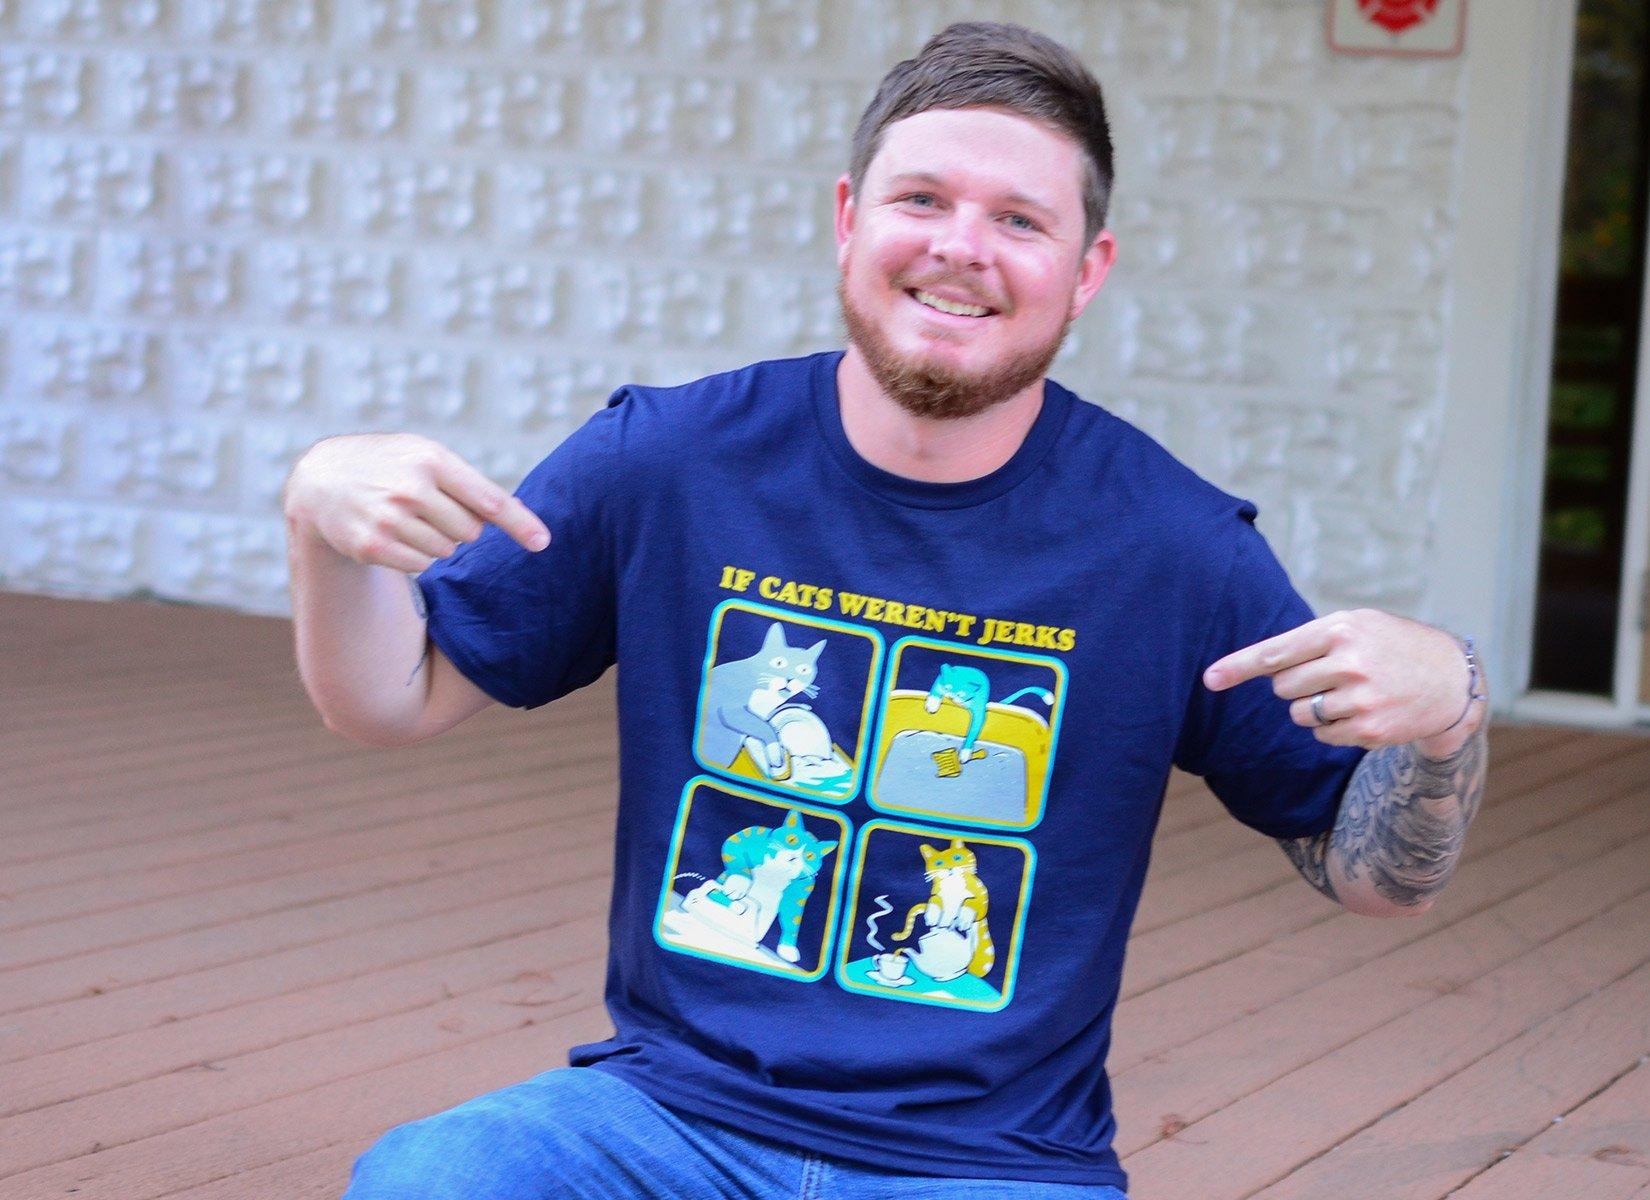 If Cats Weren't Jerks on Mens T-Shirt